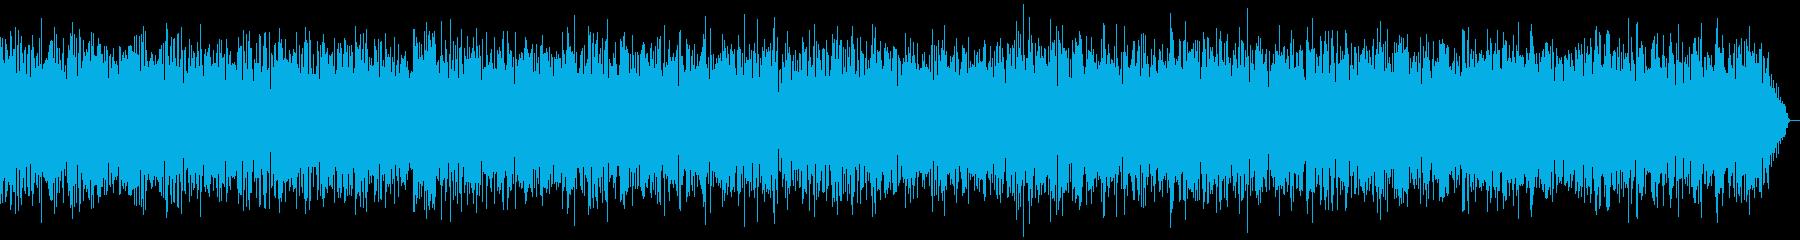 シュー(飛行機やロボットなどの飛行音)の再生済みの波形